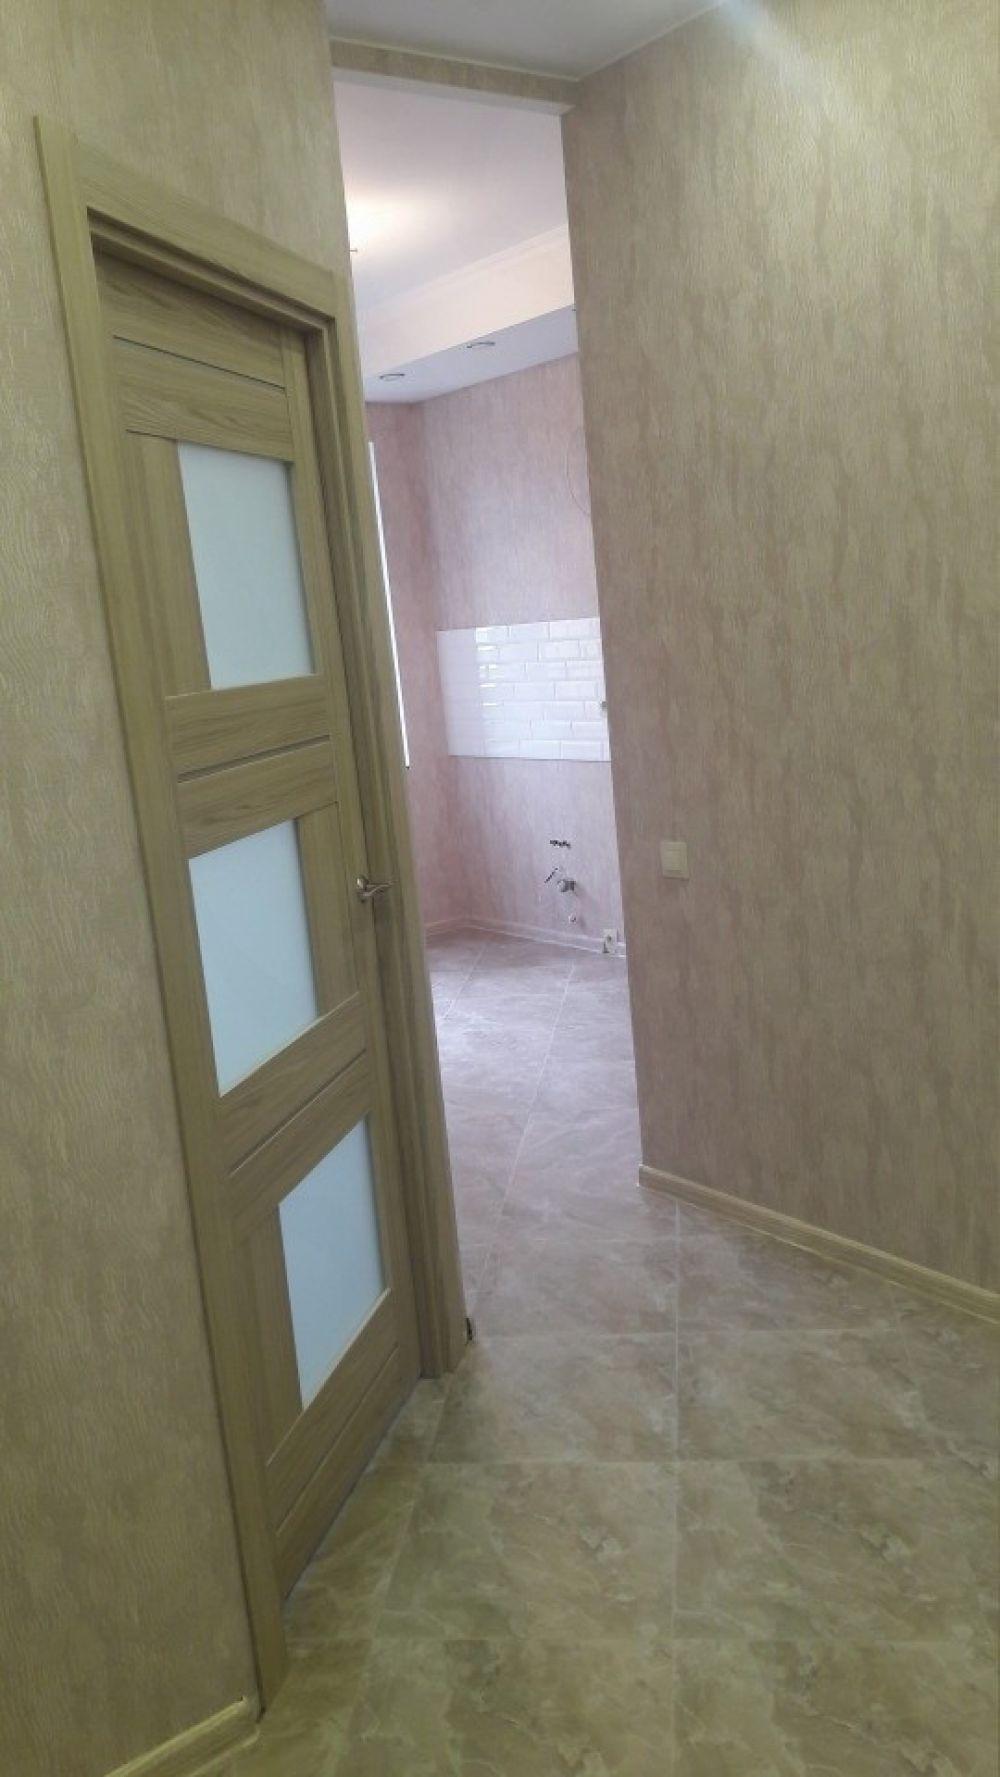 1-к квартира, Щелково, Краснознаменская улица, 17к4, фото 5